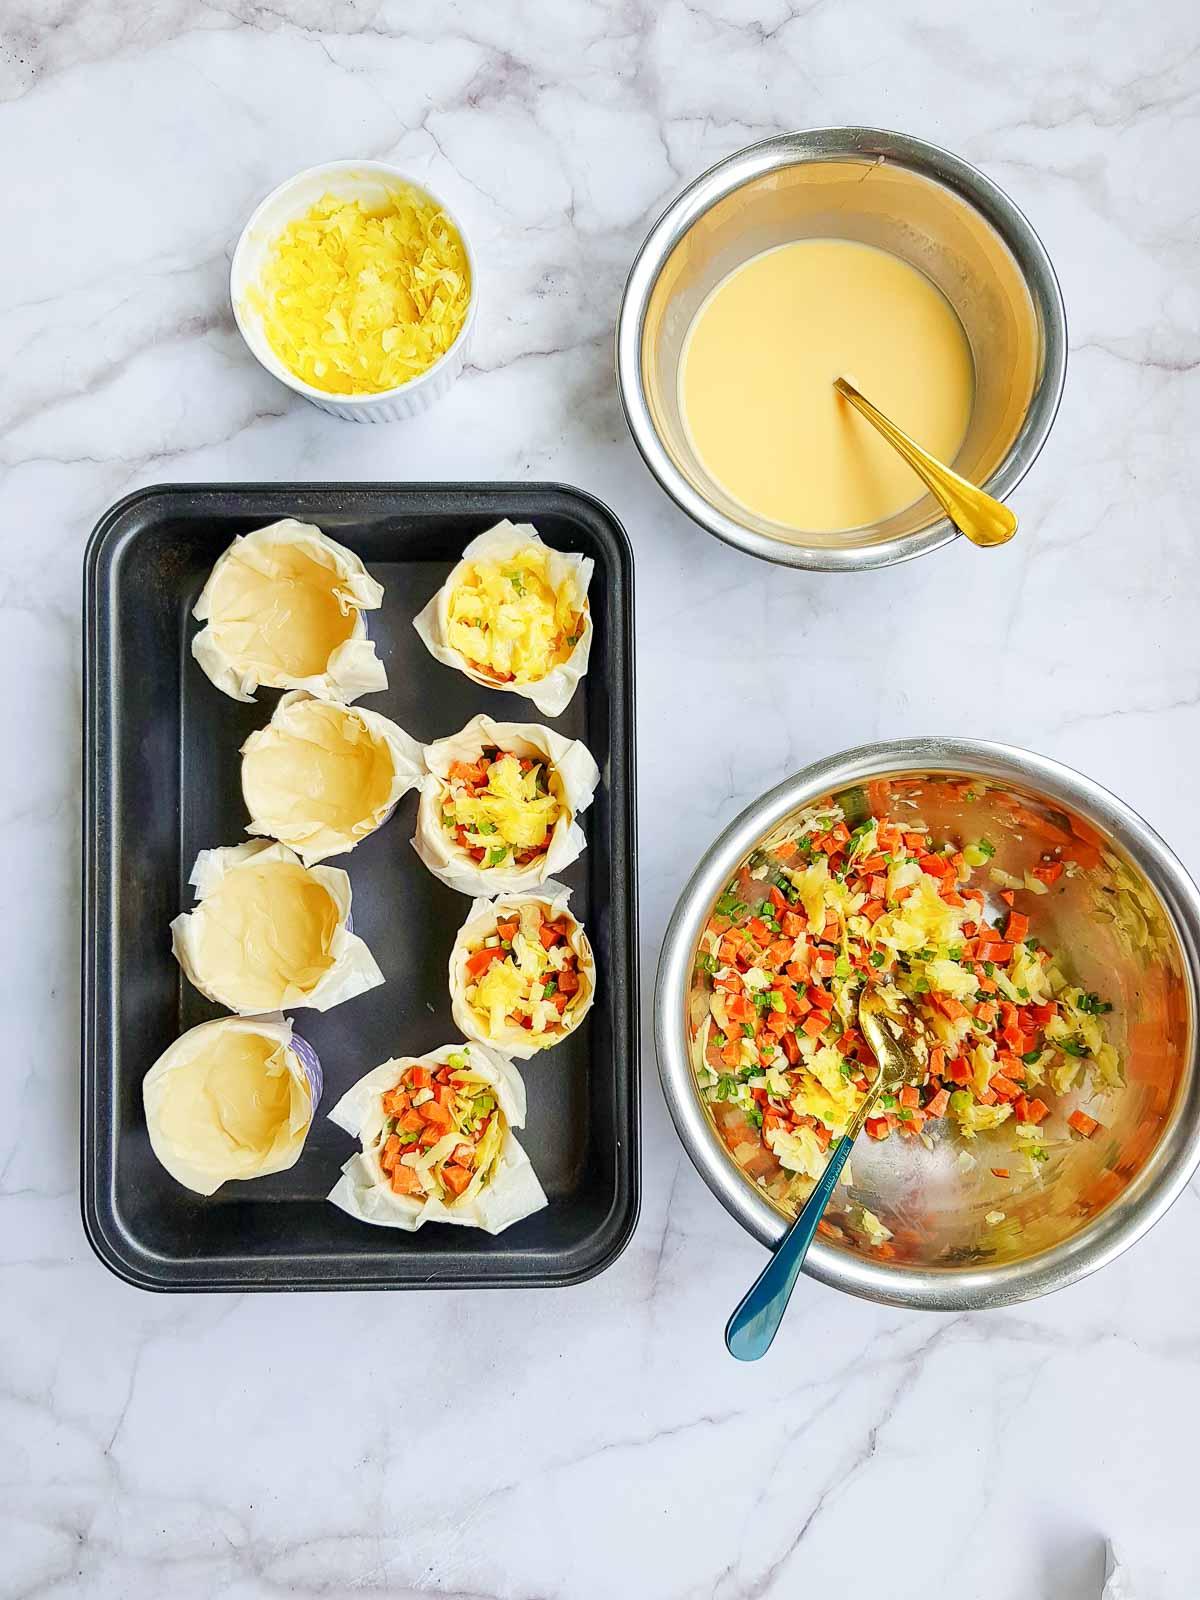 Adding quiche filling to phyllo dough quiche cups.